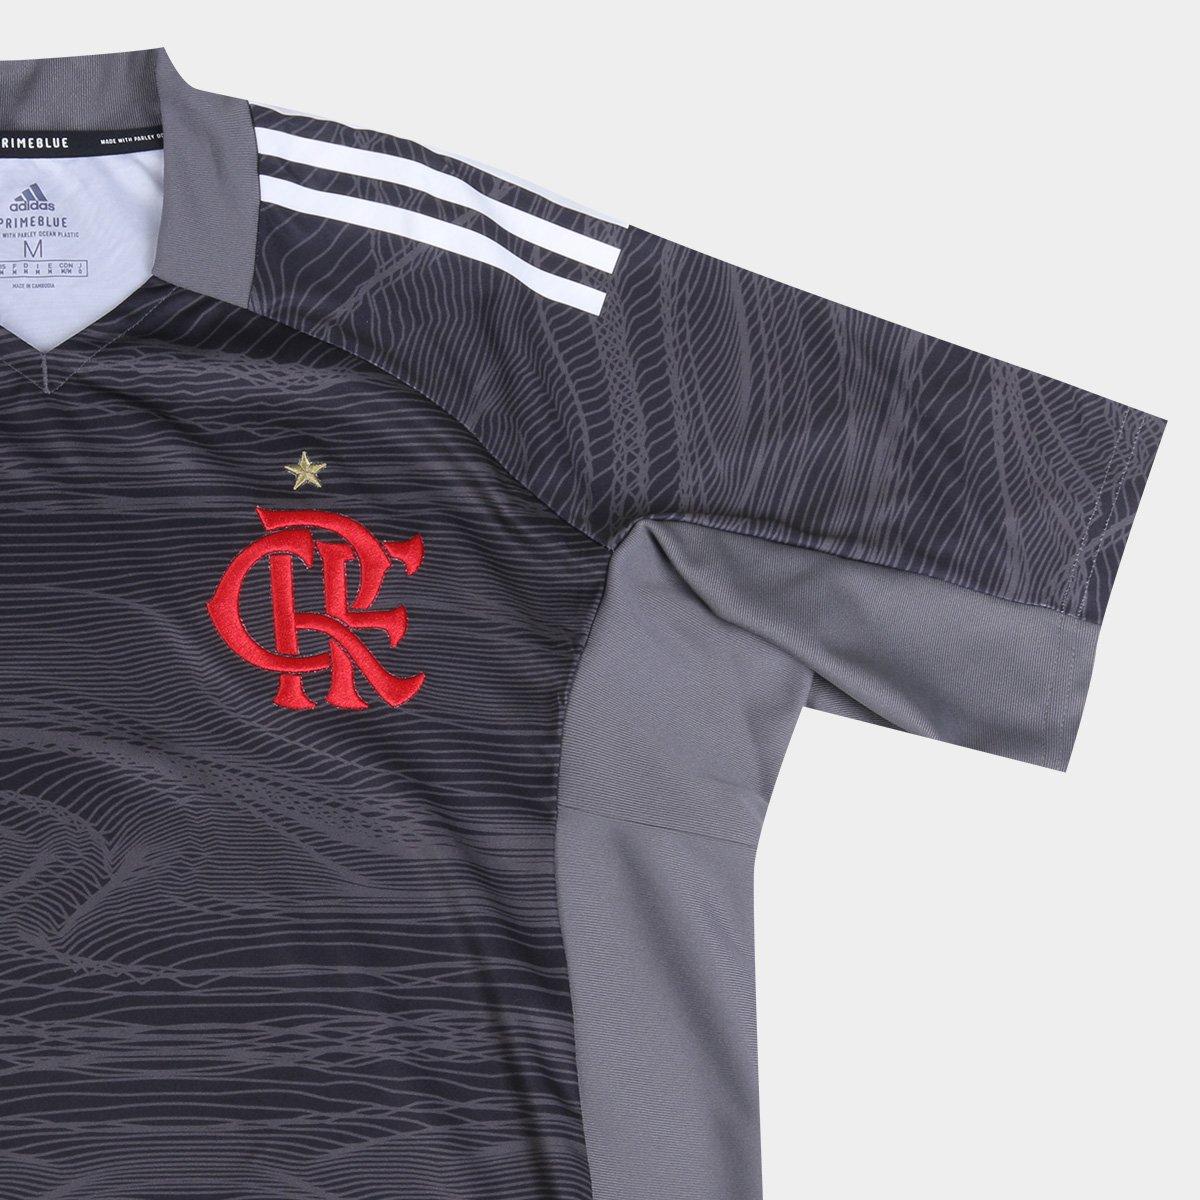 Camisa Adidas Goleiro II 21/22 Flamengo